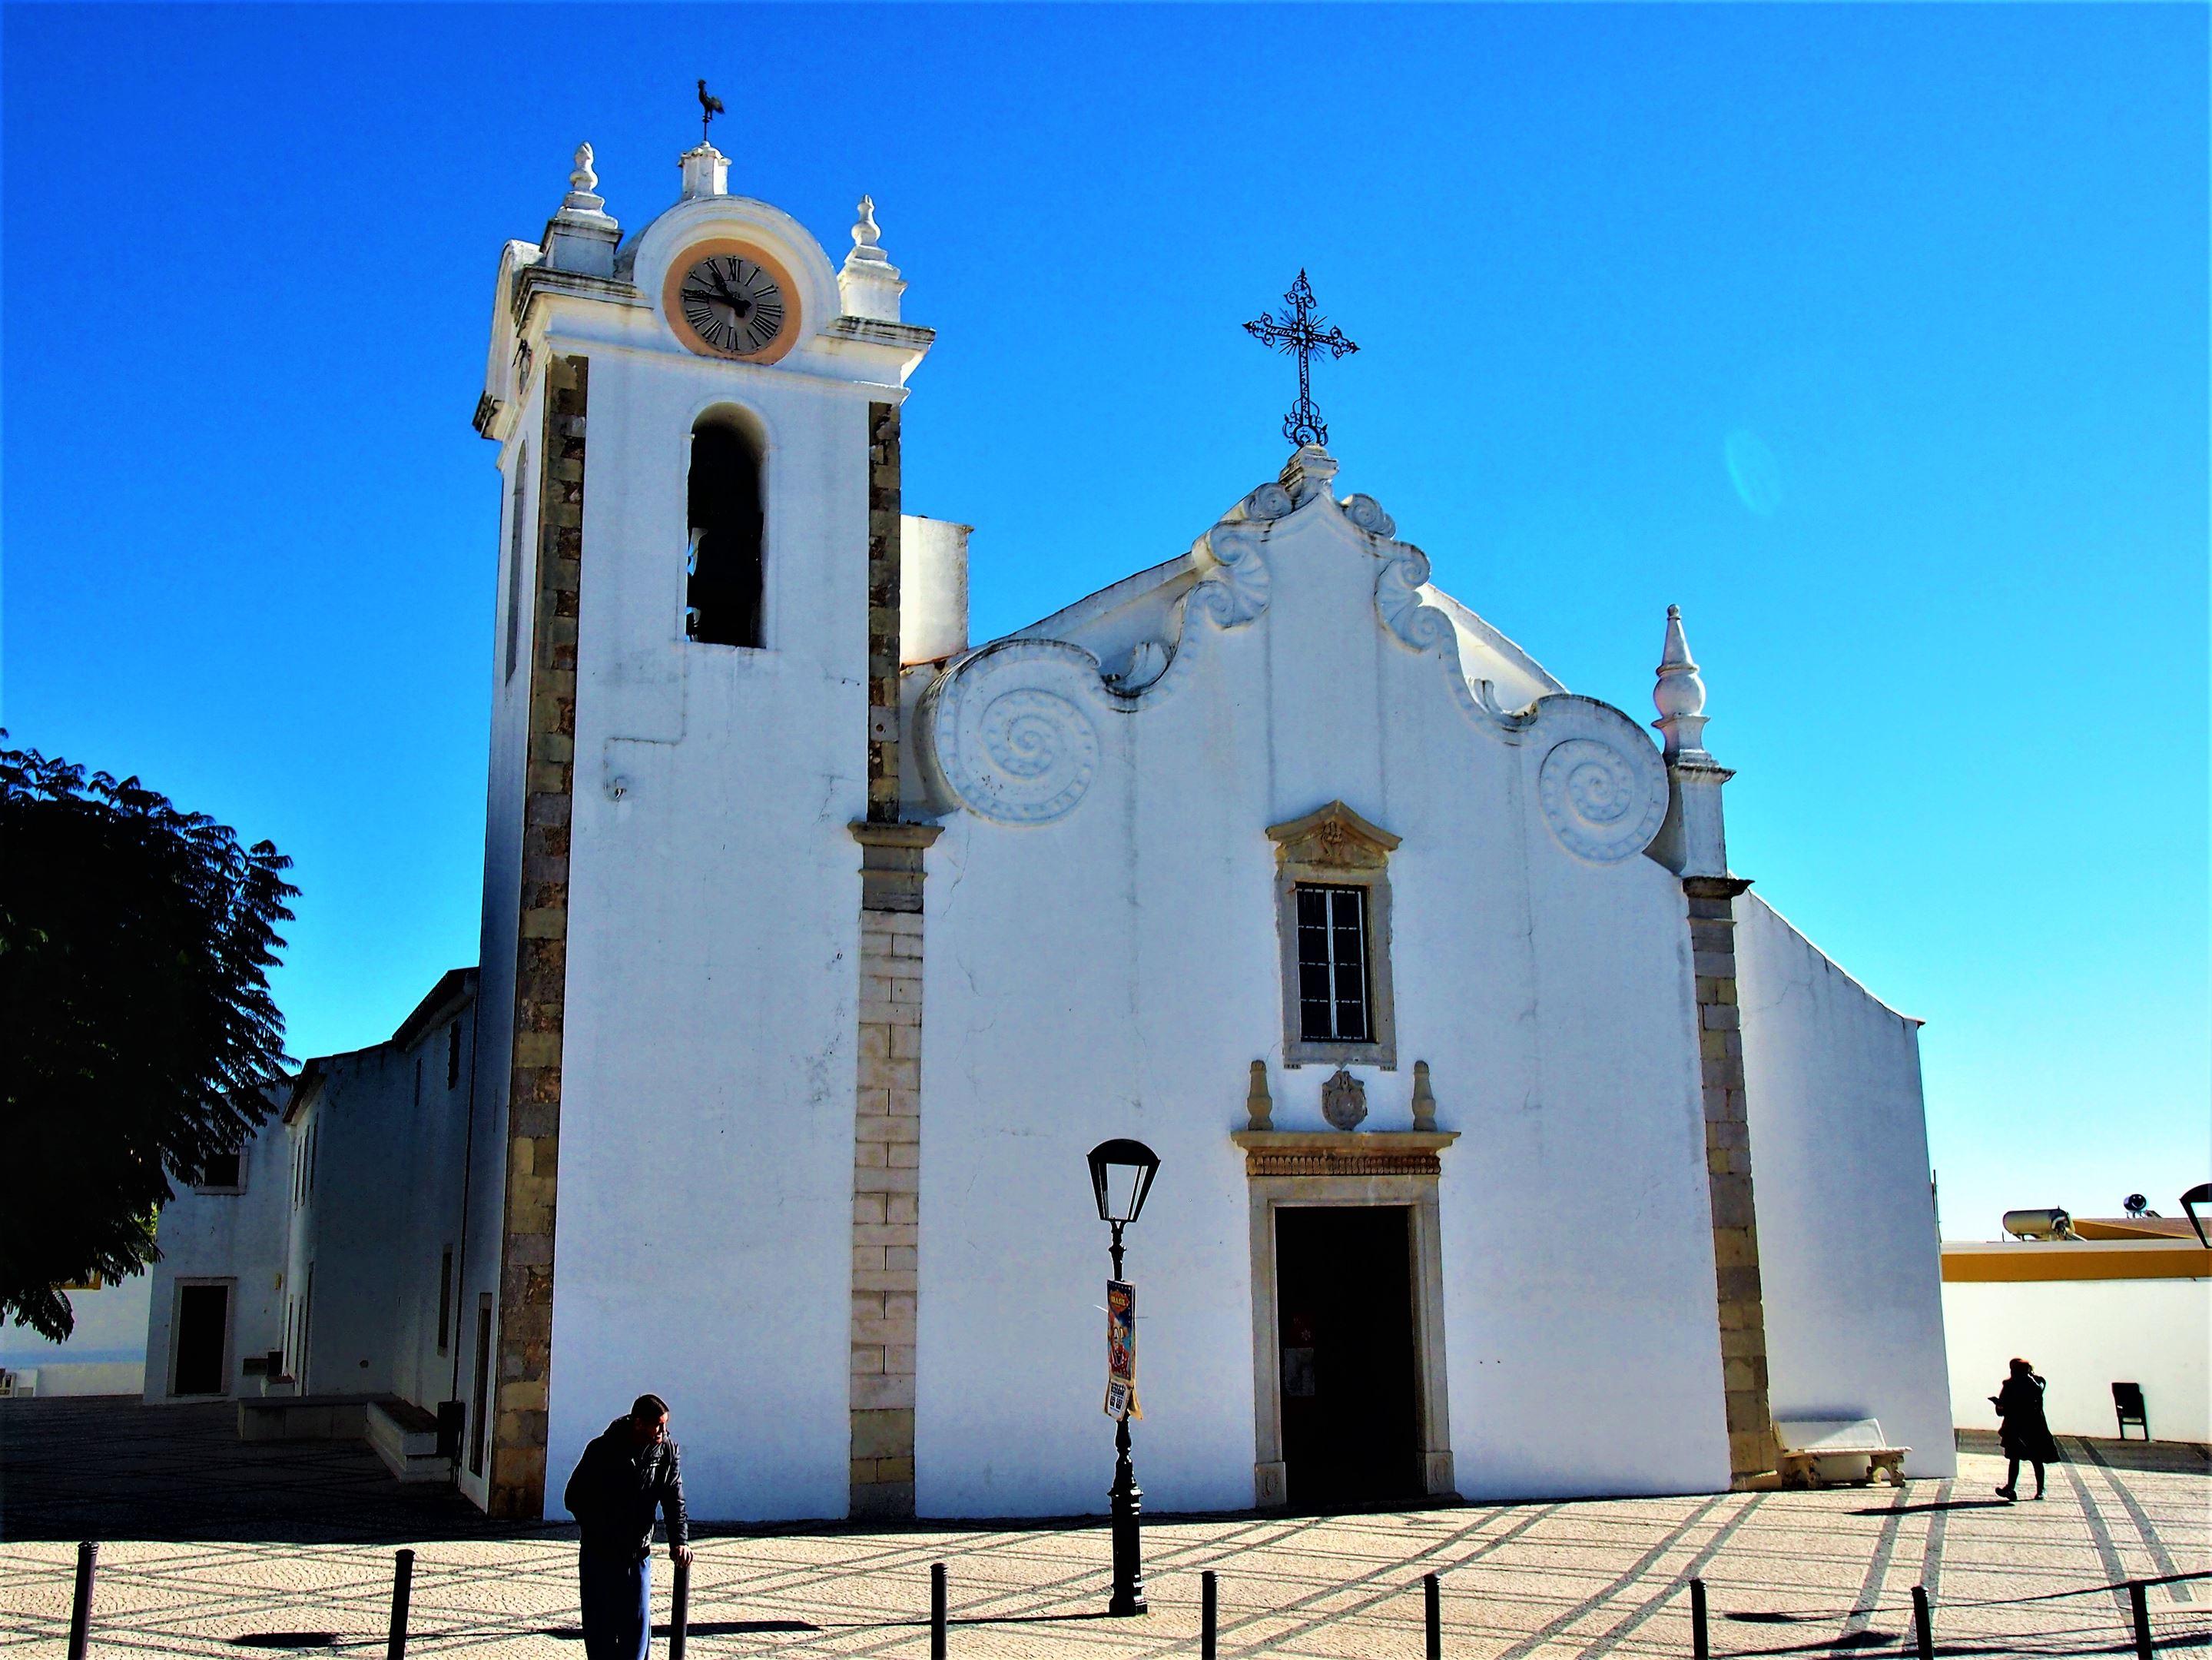 Igreja Matriz in Boliqueime - the Mother Church